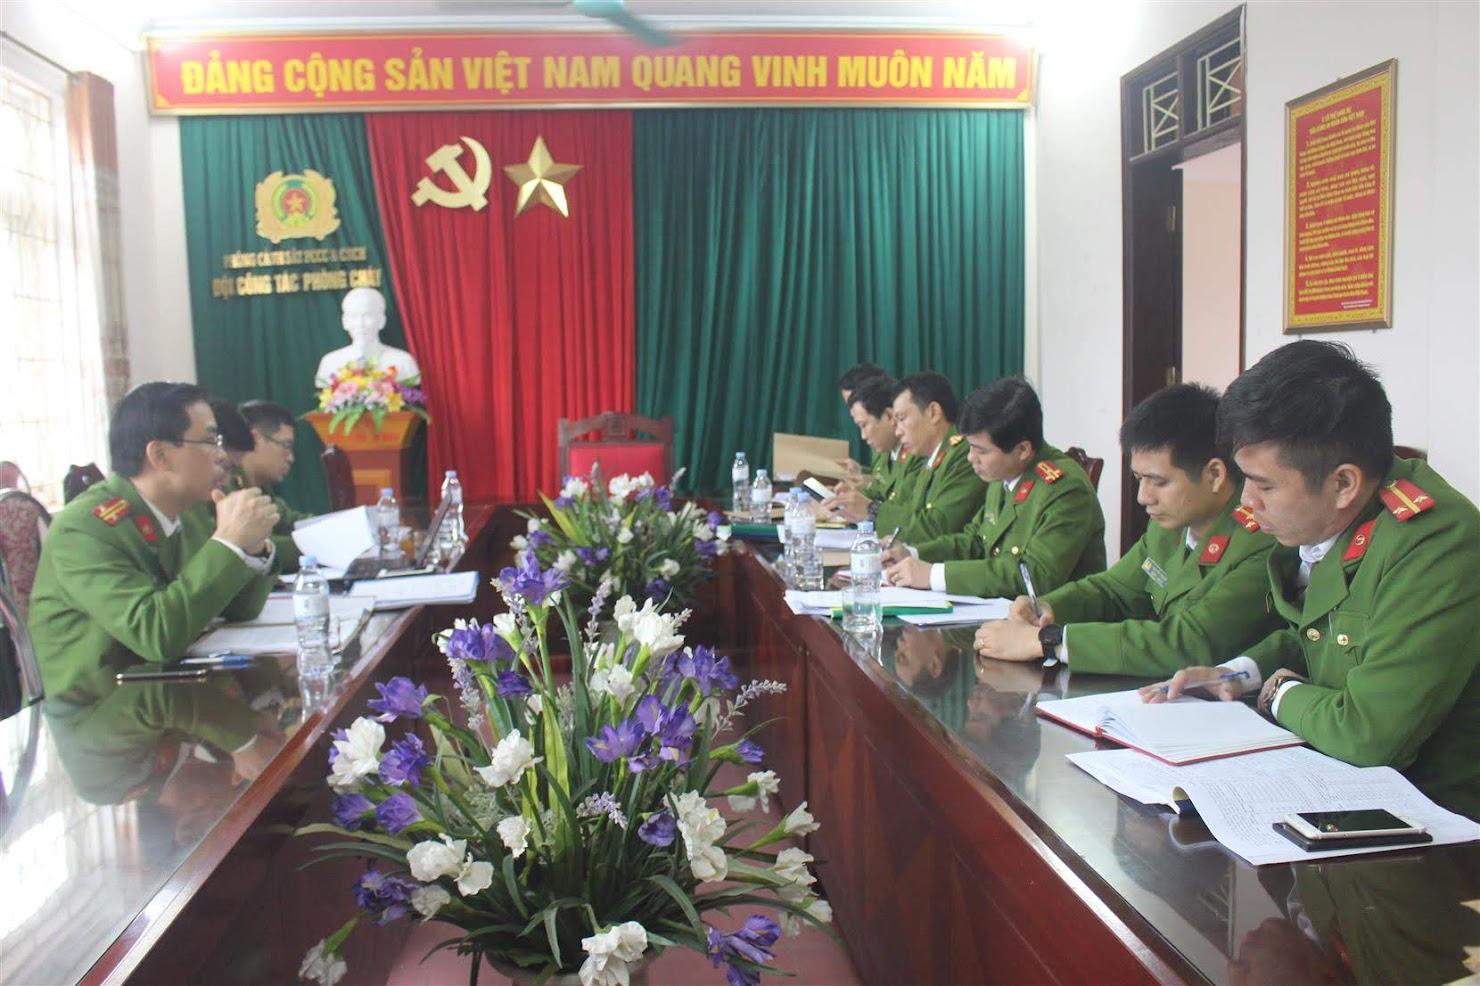 Đoàn kiểm tra làm việc tại Phòng Cảnh sát PCCC&CNCH, Công an tỉnh Nghệ An